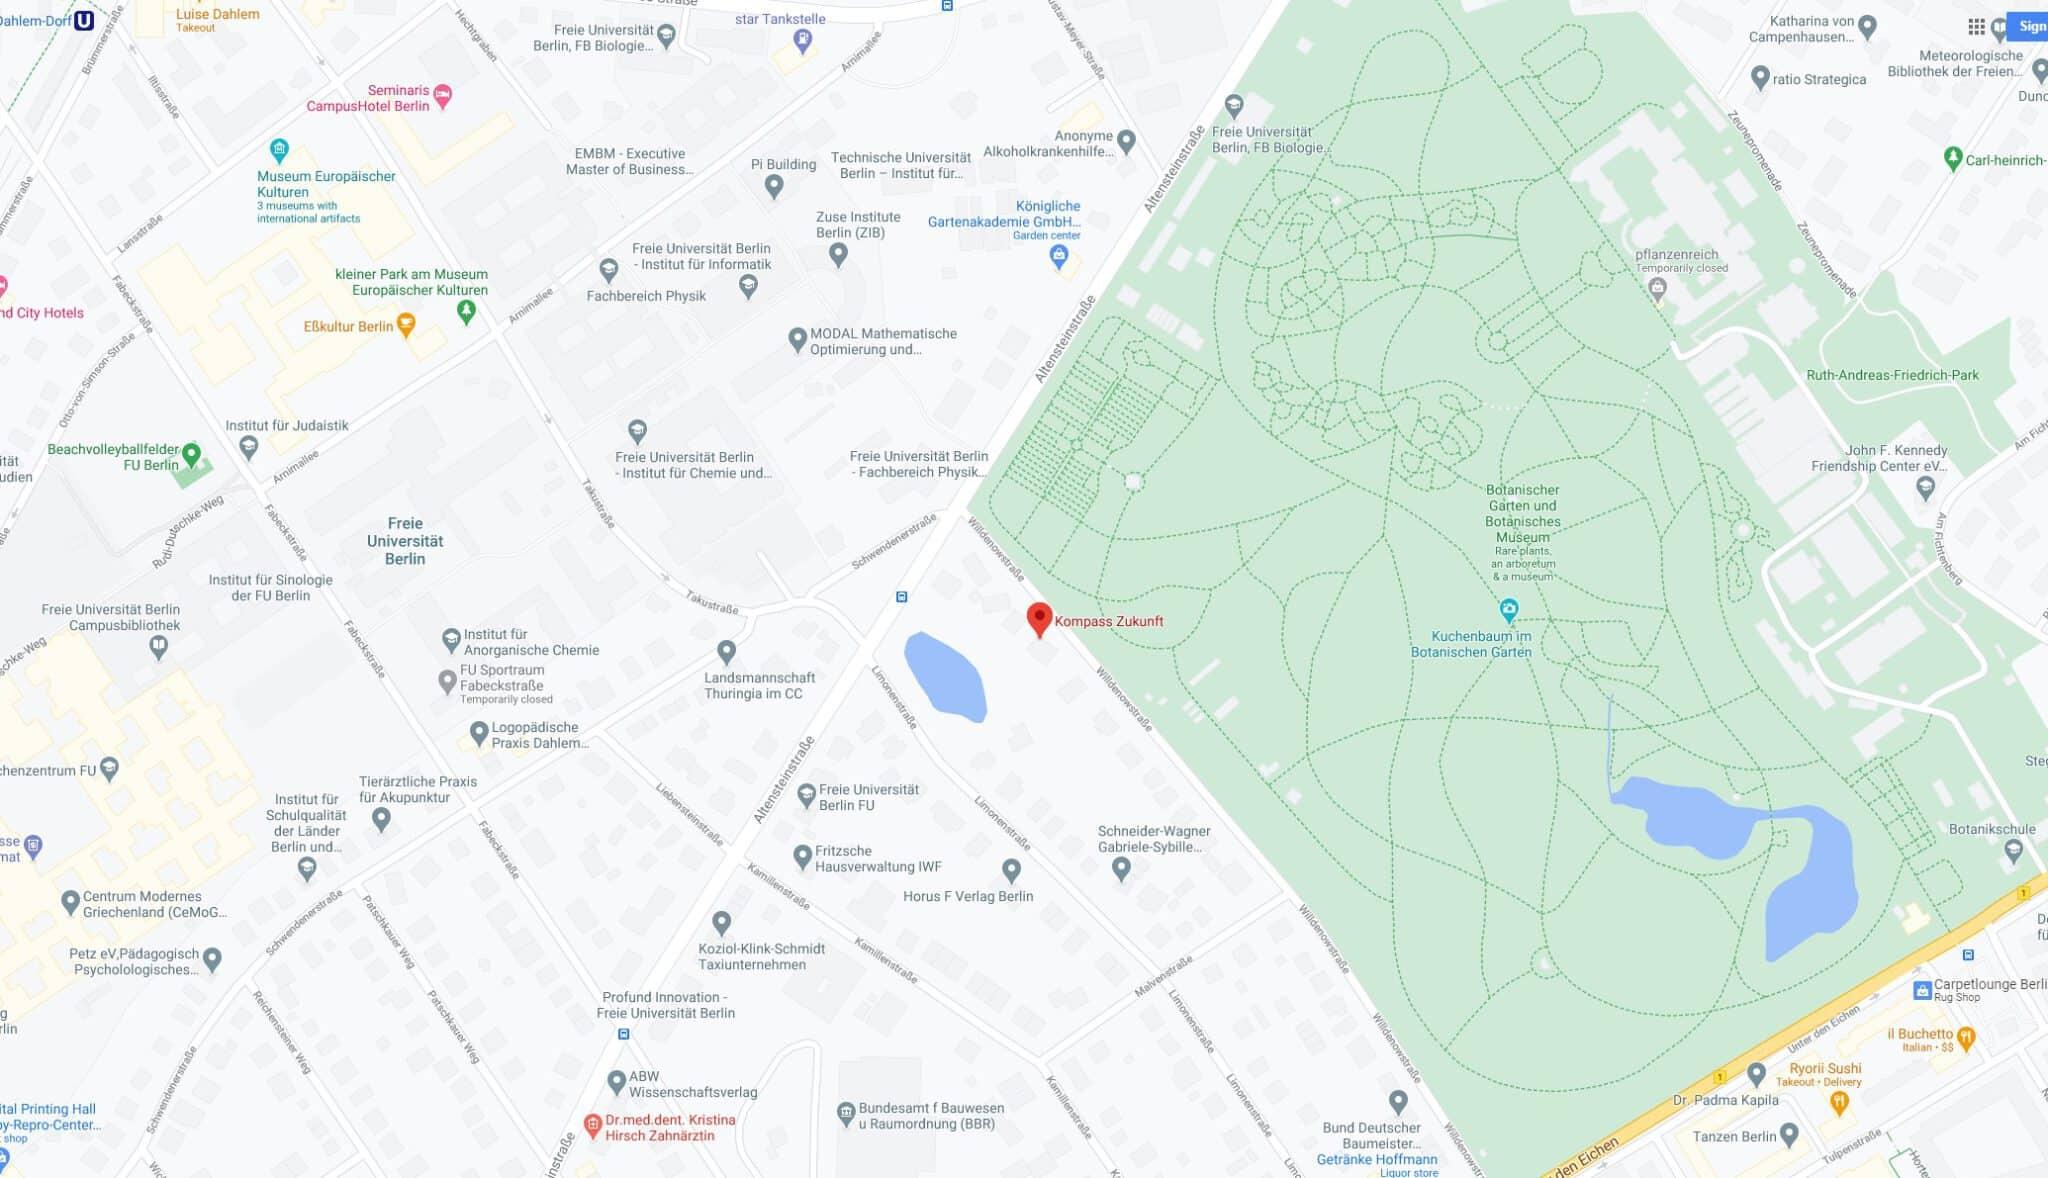 Kompass Zukunft - Willdenowstraße 38, 12203 Berlin